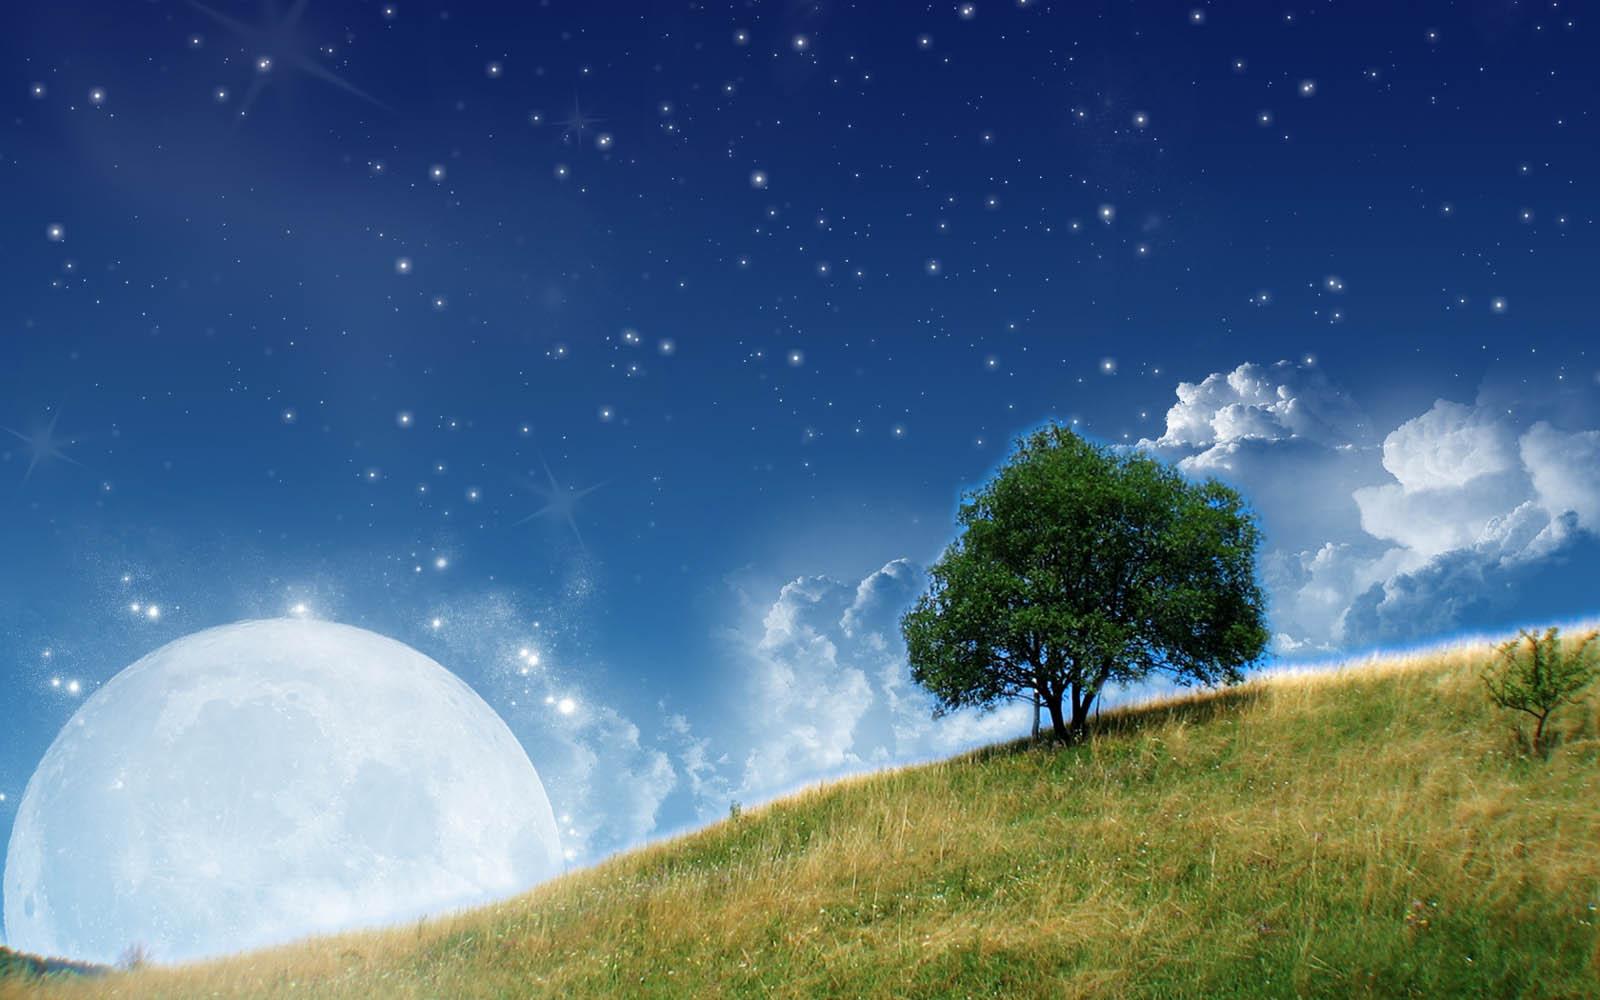 3d nature wallpaper moon - photo #5